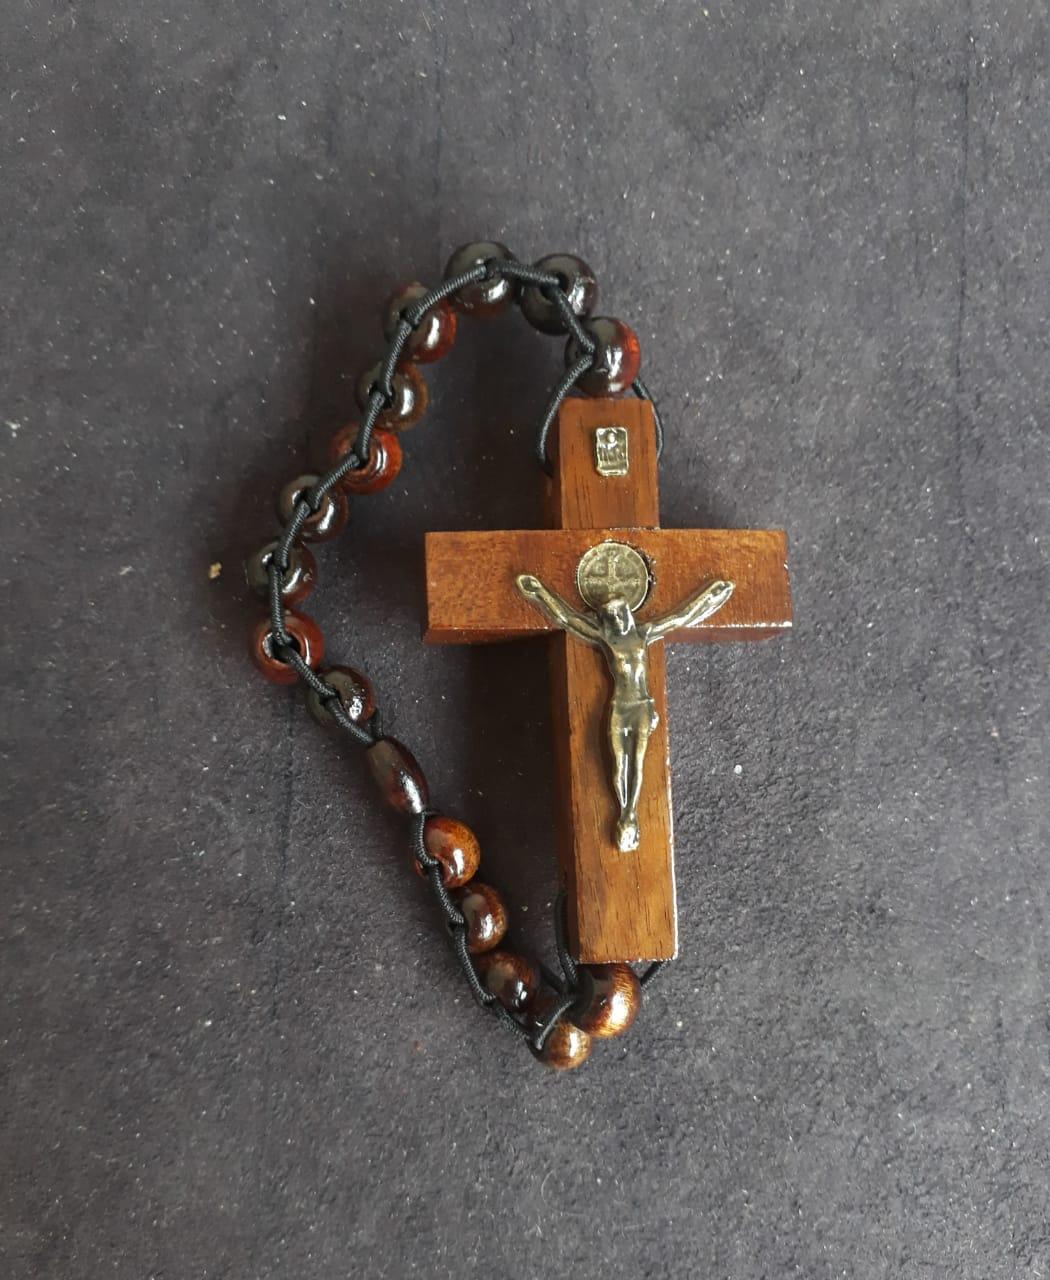 PUL65 - Pulseira Trançada Madeira Cruz São Bento 60mm Marrom c/ Oração  - VindVedShop - Distribuidora Catolica